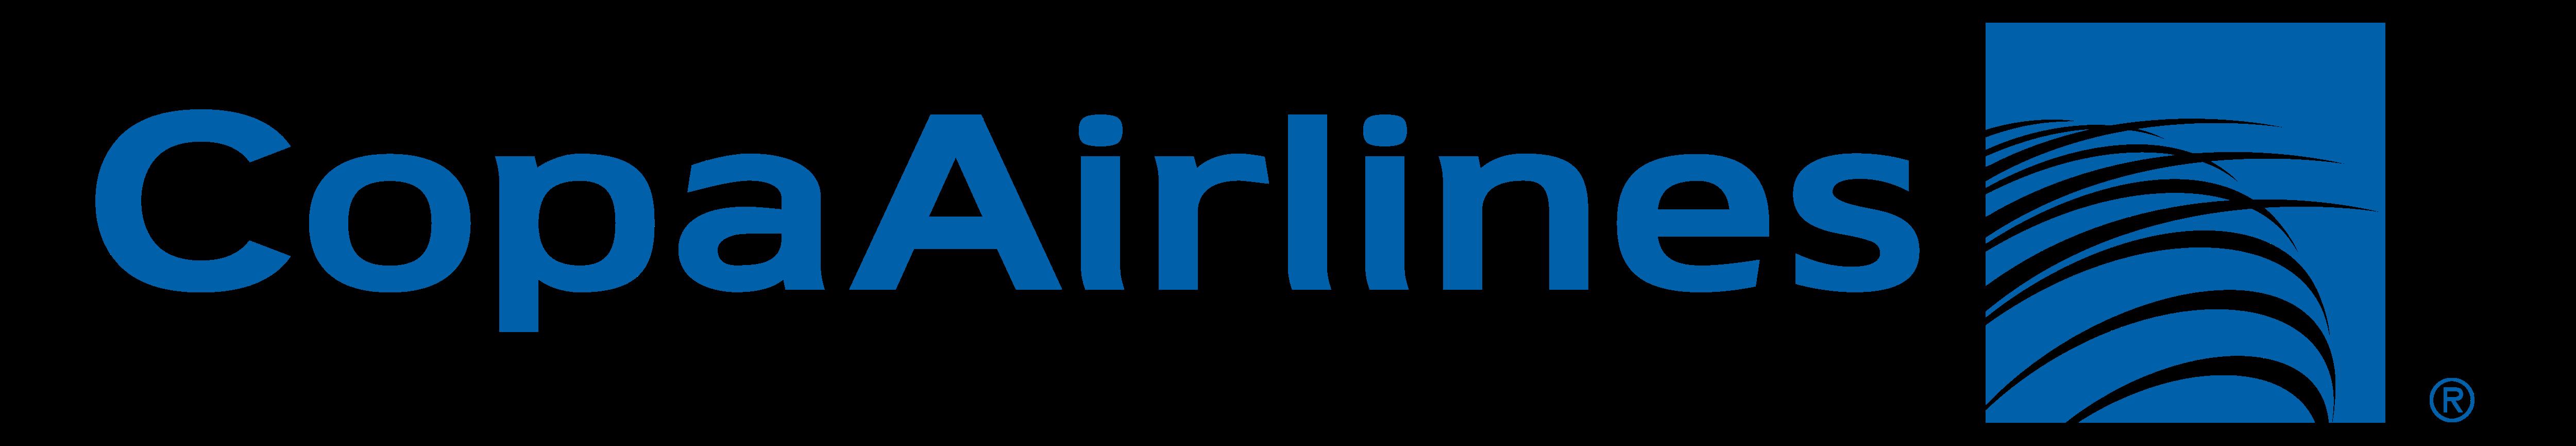 Scandinavian Home Copa Airlines Logos Download